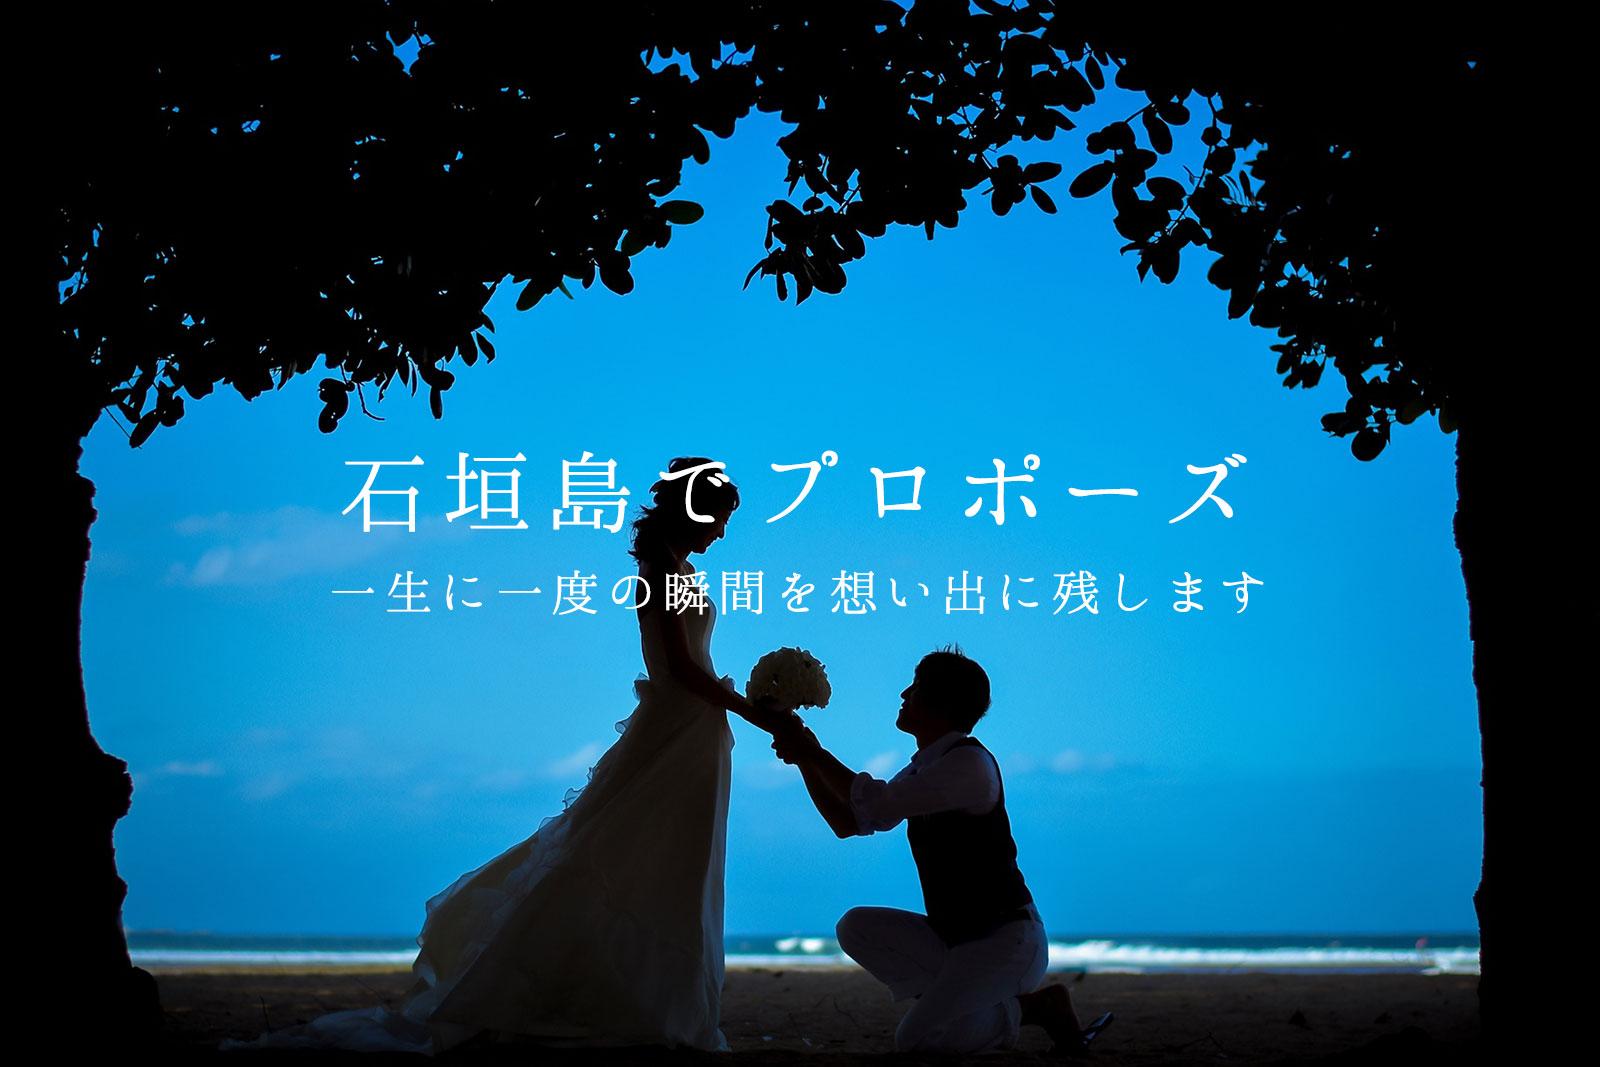 石垣島でプロポーズプラン!「彼女にプロポーズしたい」を応援・スムーズに誘導します♡